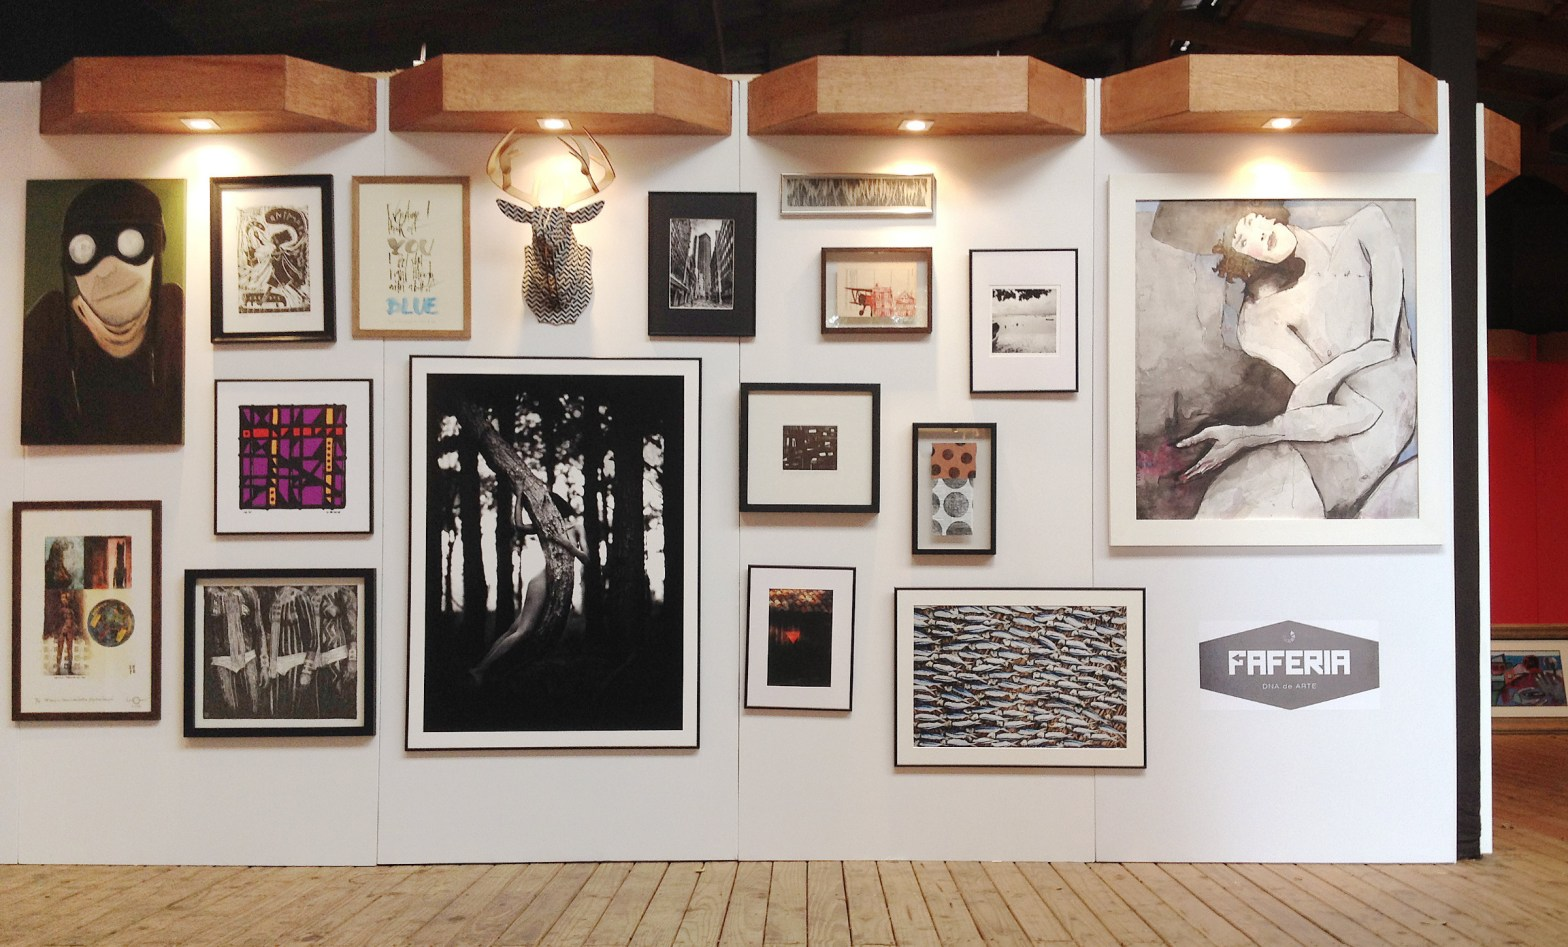 Parede na Mosq com obras de artistas representados pela Faferia DNA de Arte